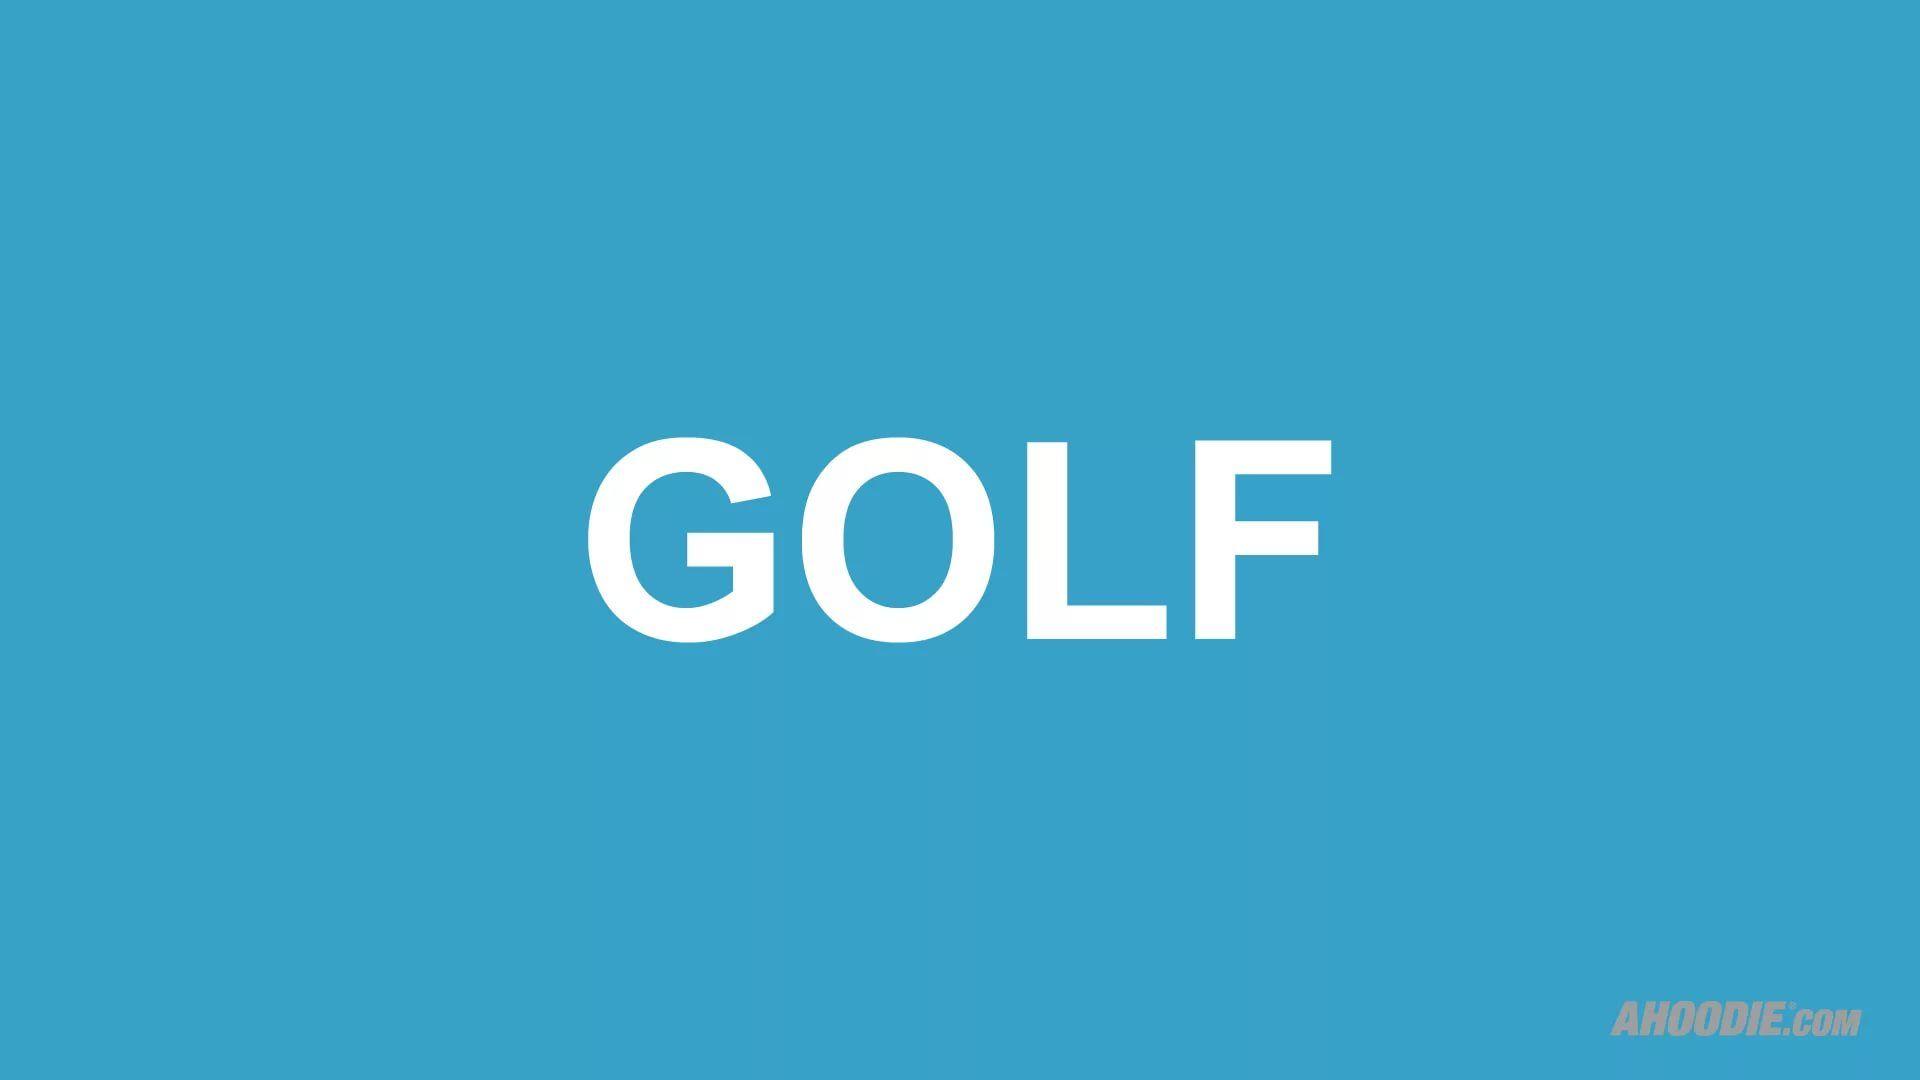 Golf Wang Desktop Wallpaper